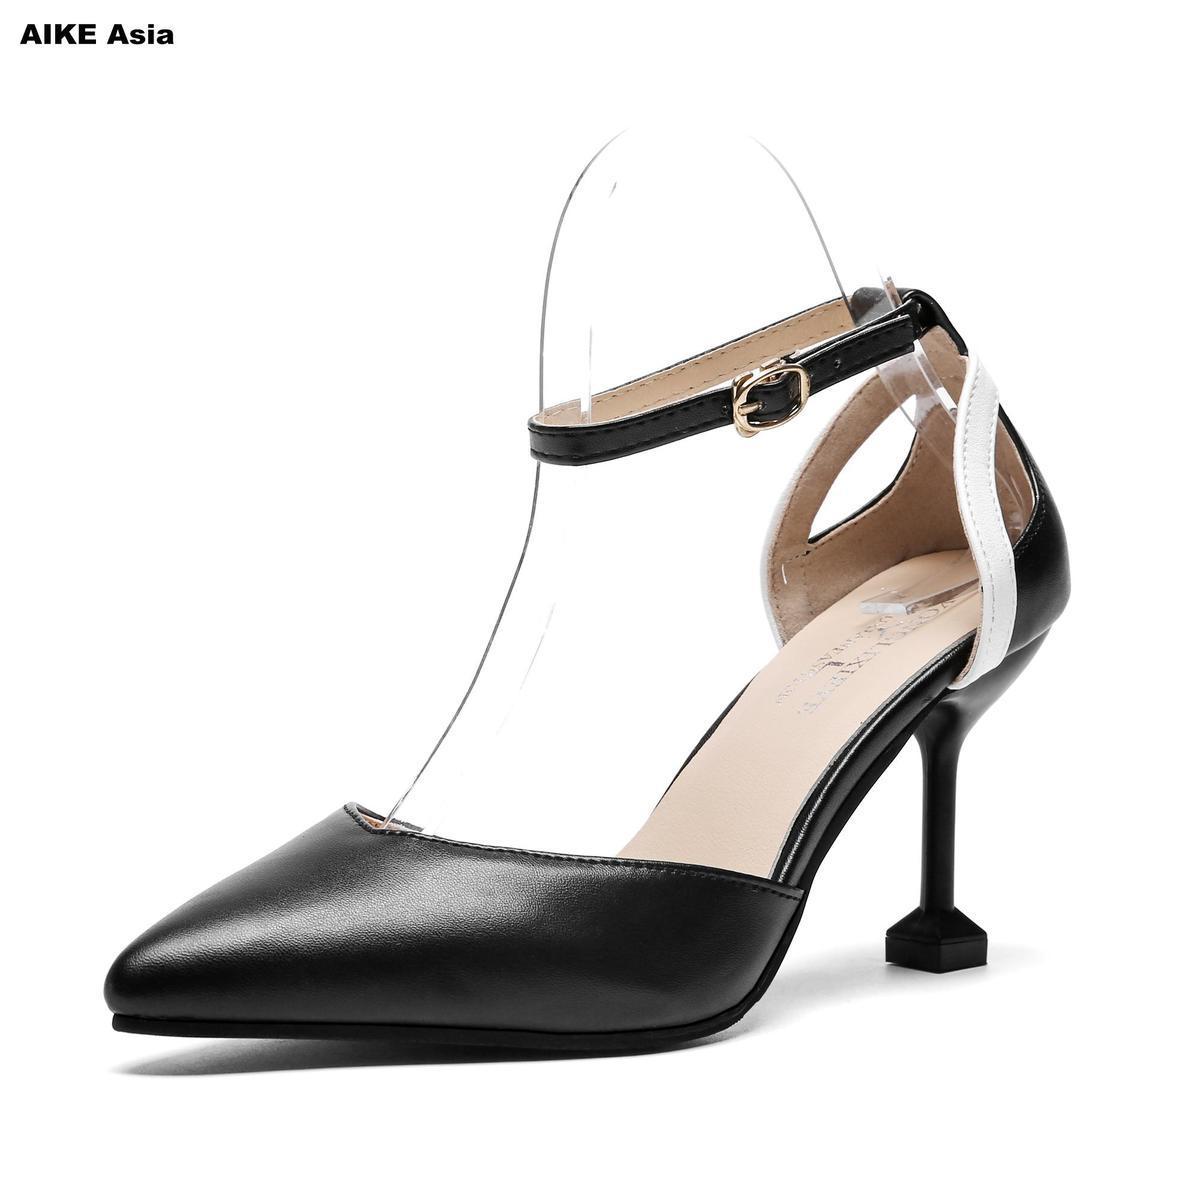 71ff0d0b5ec7 2019 2018 Venta Caliente Nuevo Llega Las Mujeres Bombas de Color Elegante  Hebilla de Mezcla de Tacones Altos Zapatos de Punta estrecha Señora zapatos  ...